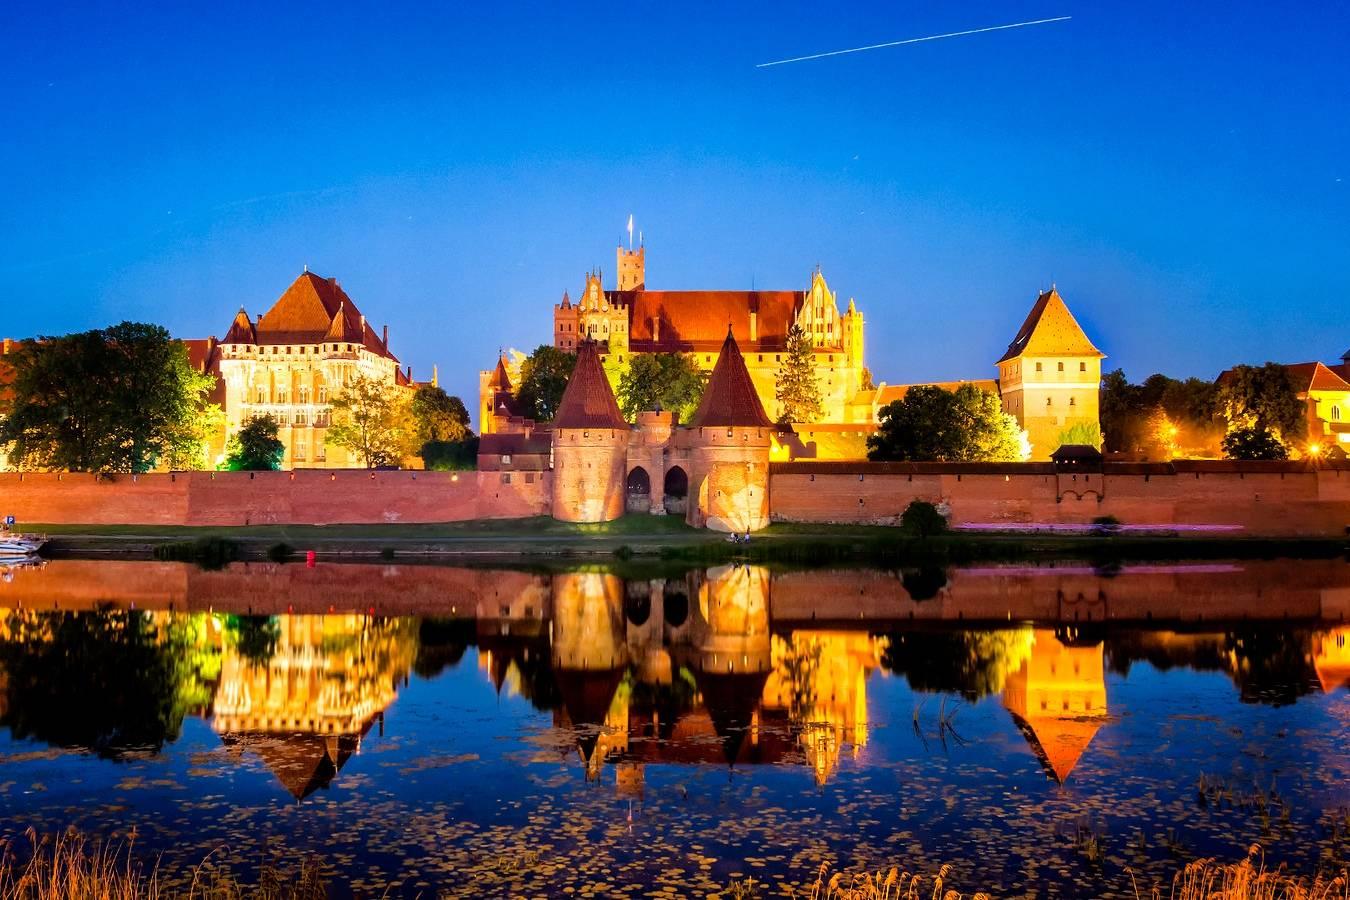 Неоготическая жемчужина германии – замок мариенбург в саксонии